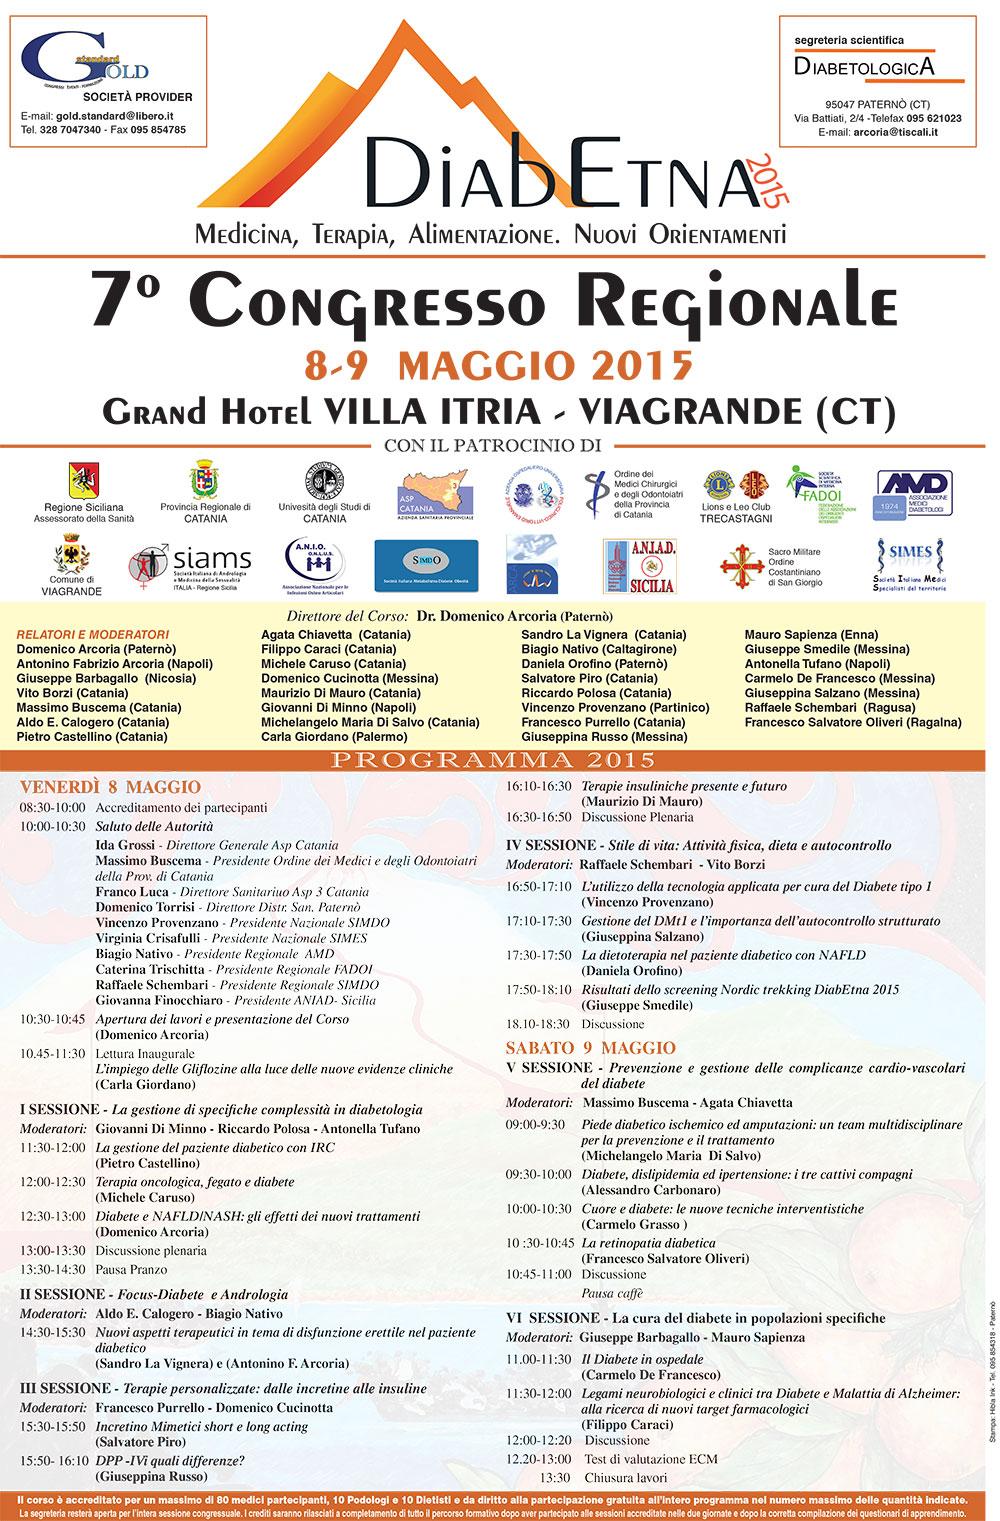 Viagrande. 7° Convegno Regionale DiabEtna 2015. Medicina, Terapia, Alimentazione